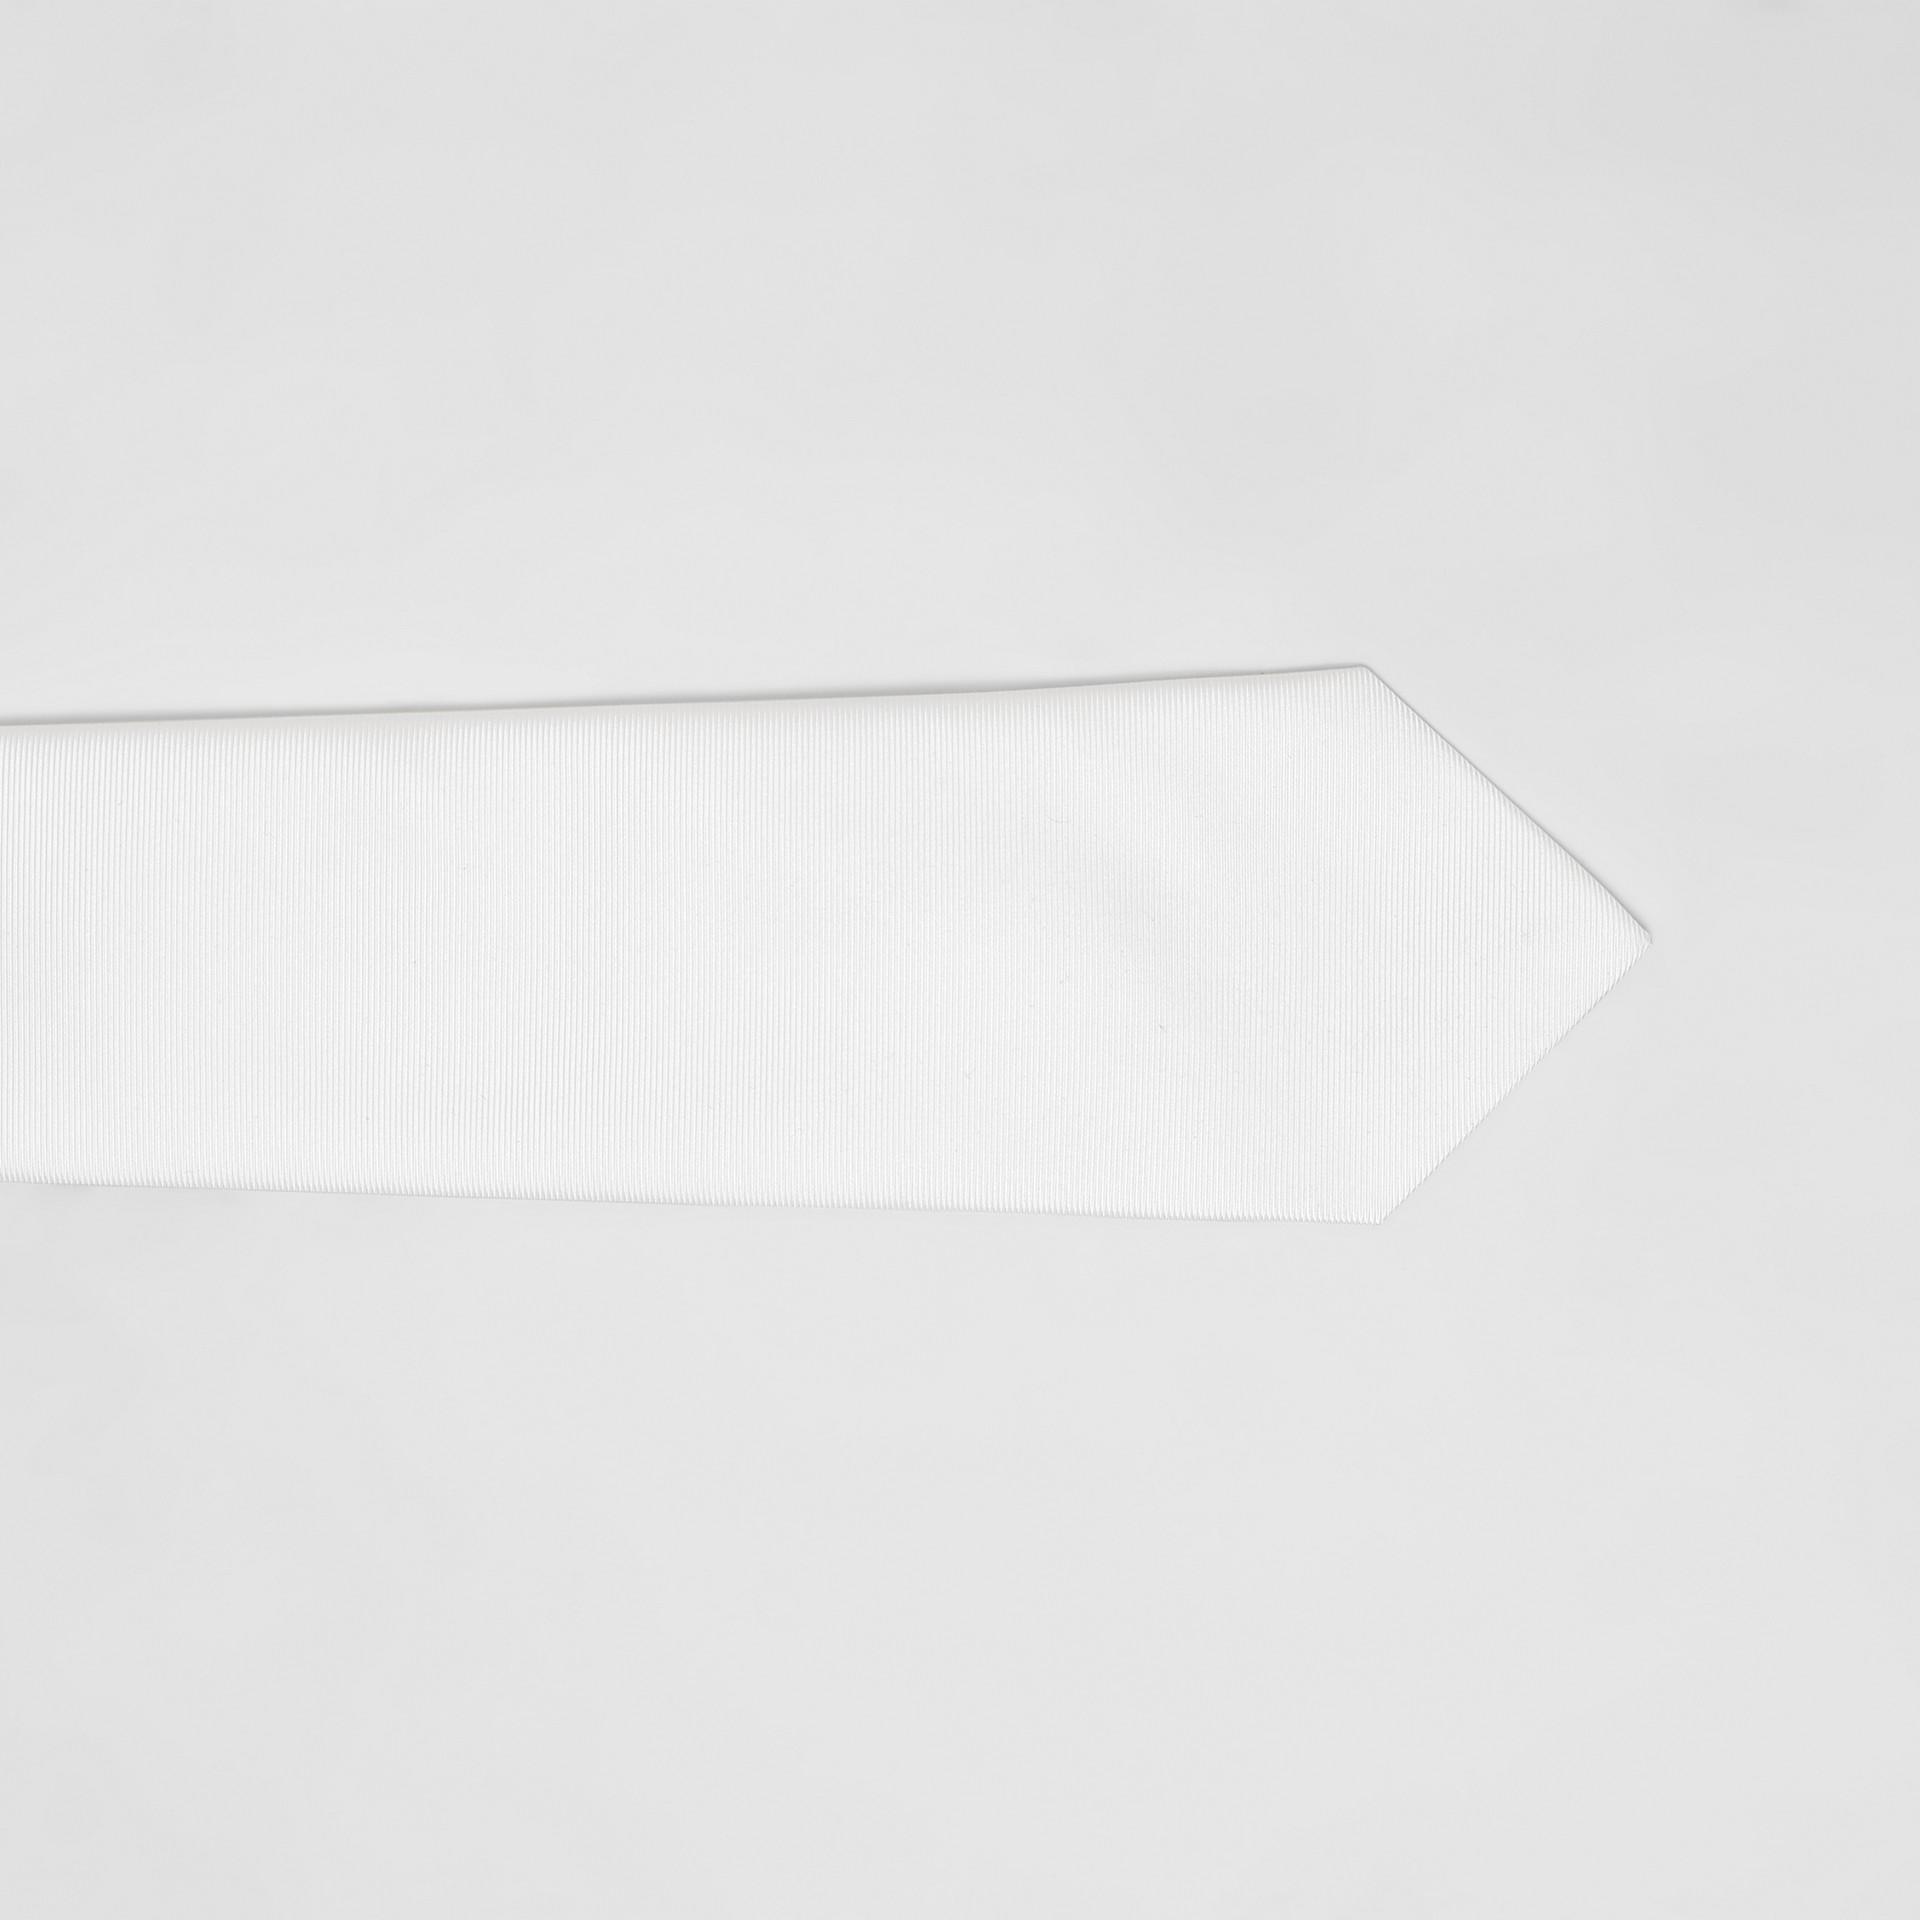 Gravata de seda com corte clássico (Branco Natural) - Homens | Burberry - galeria de imagens 1